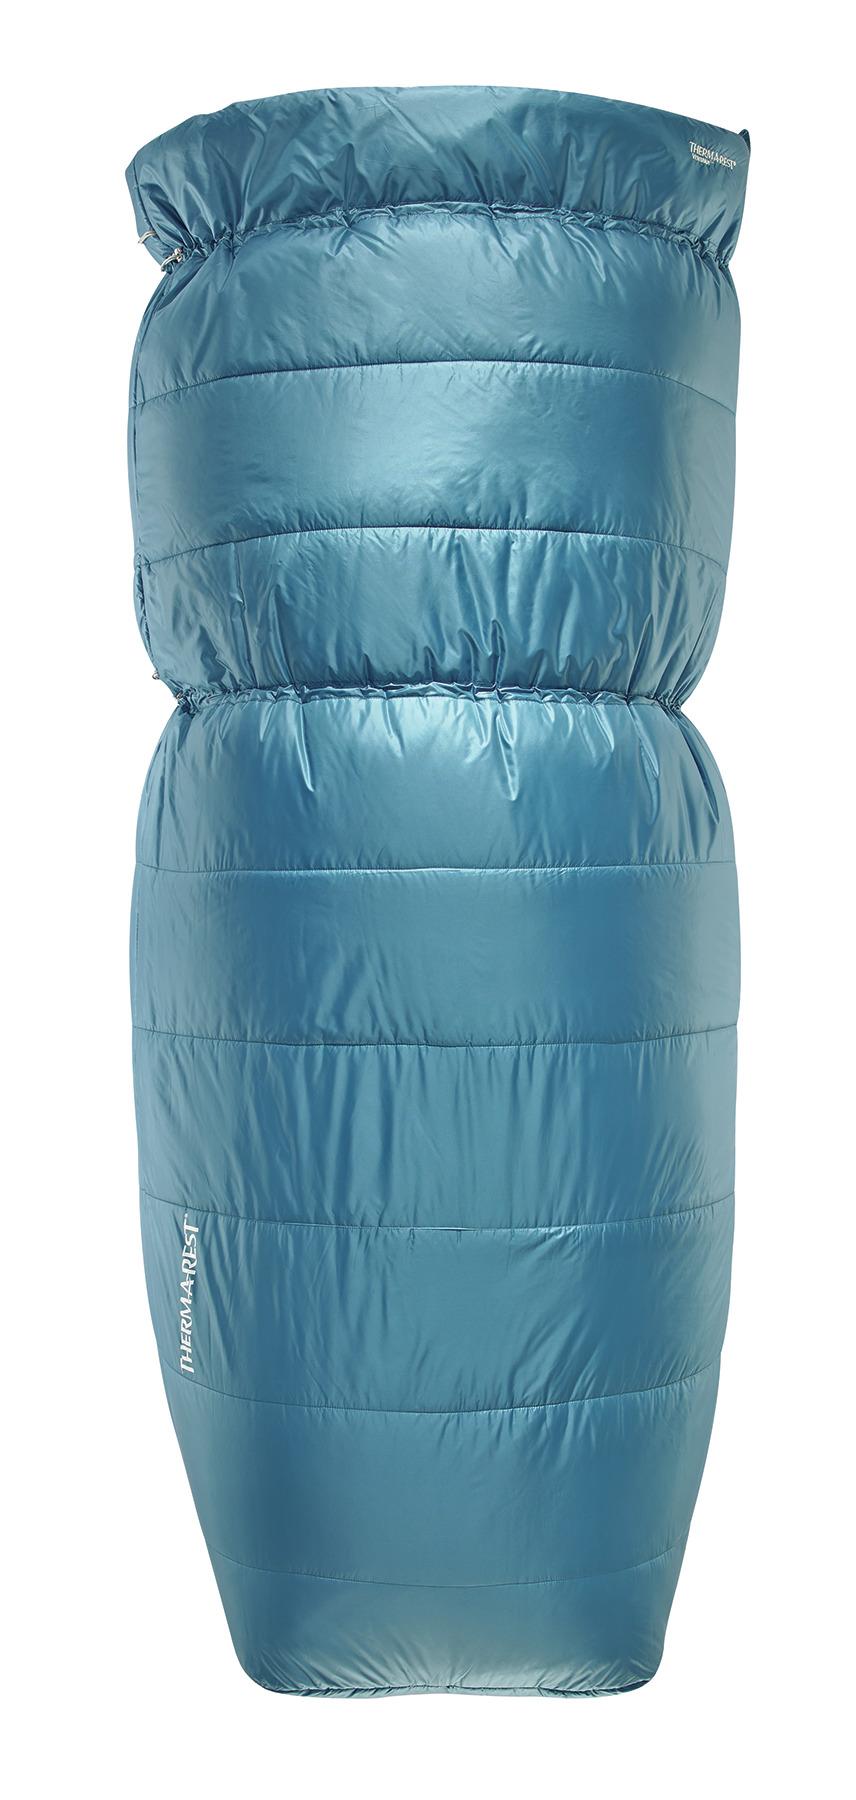 THERMAREST - Ventana Duo 35 - Schlafsack oder Steppdecke für 2 Personen – Bild 4